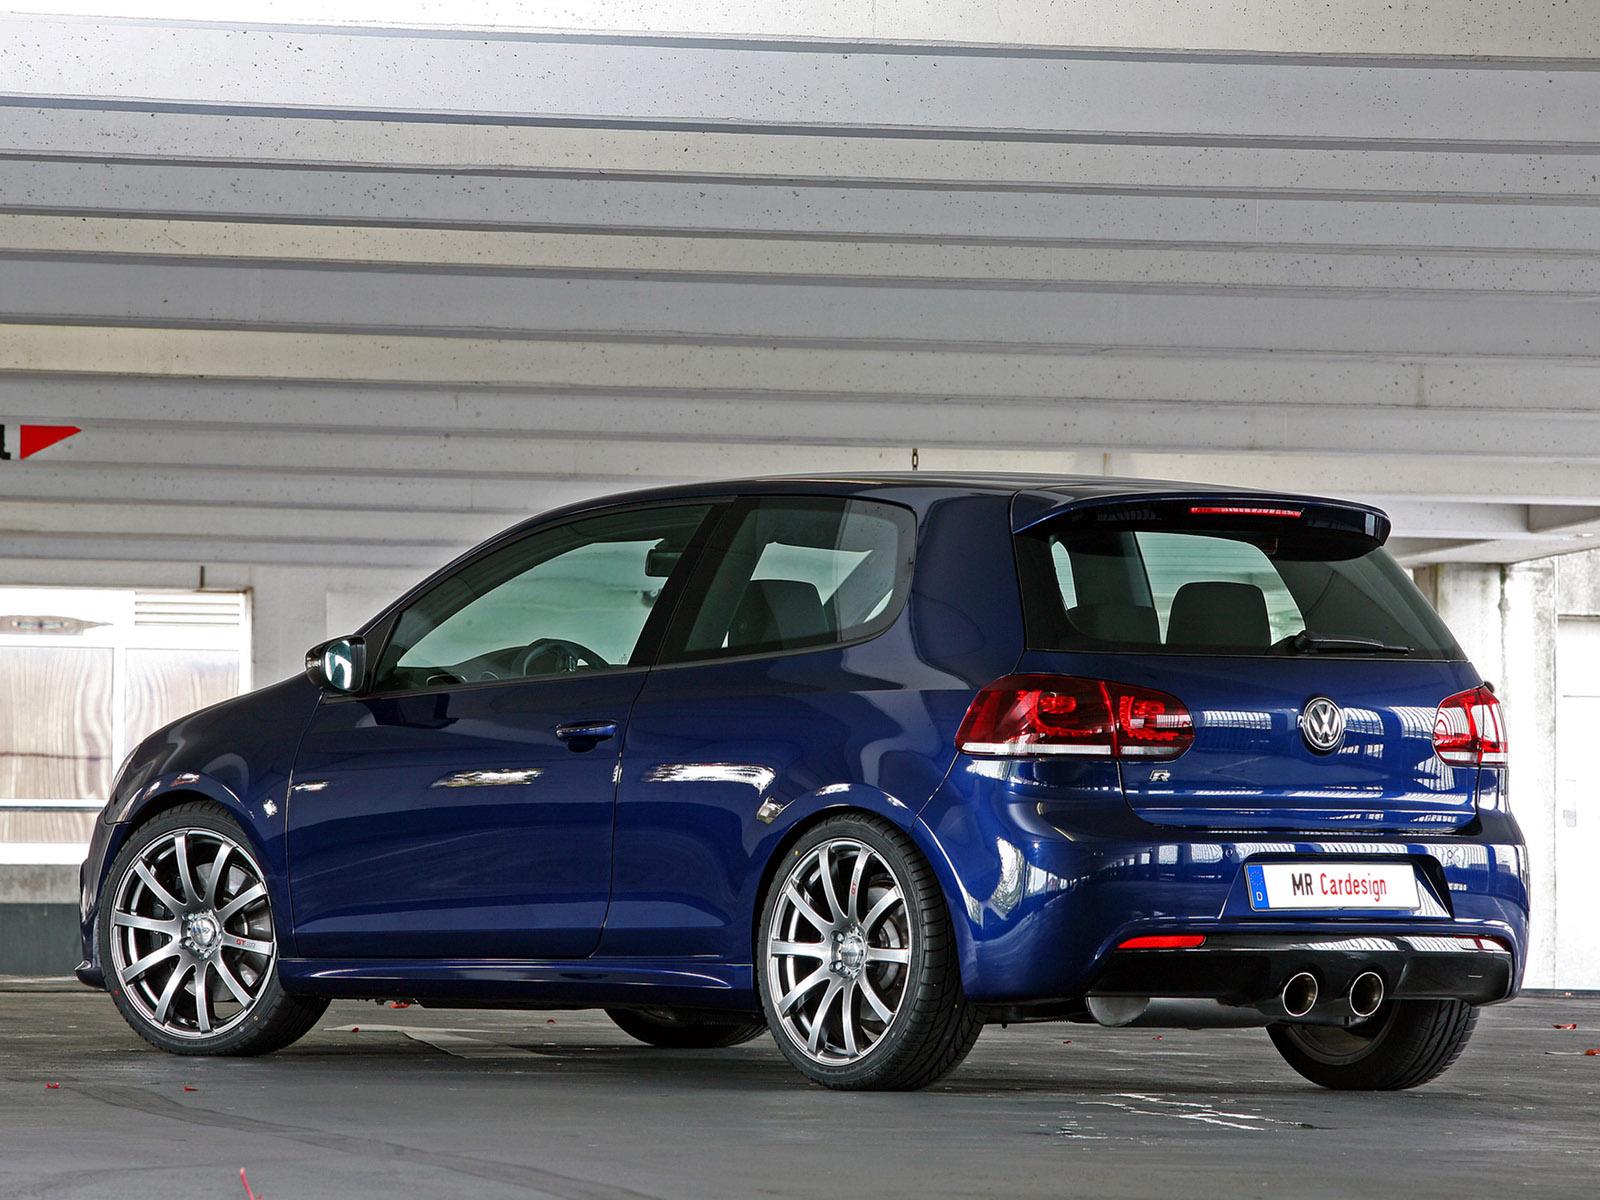 Mr Car Design Volkswagen Golf R 2010 Download Full Size 1600 1200 Pixels